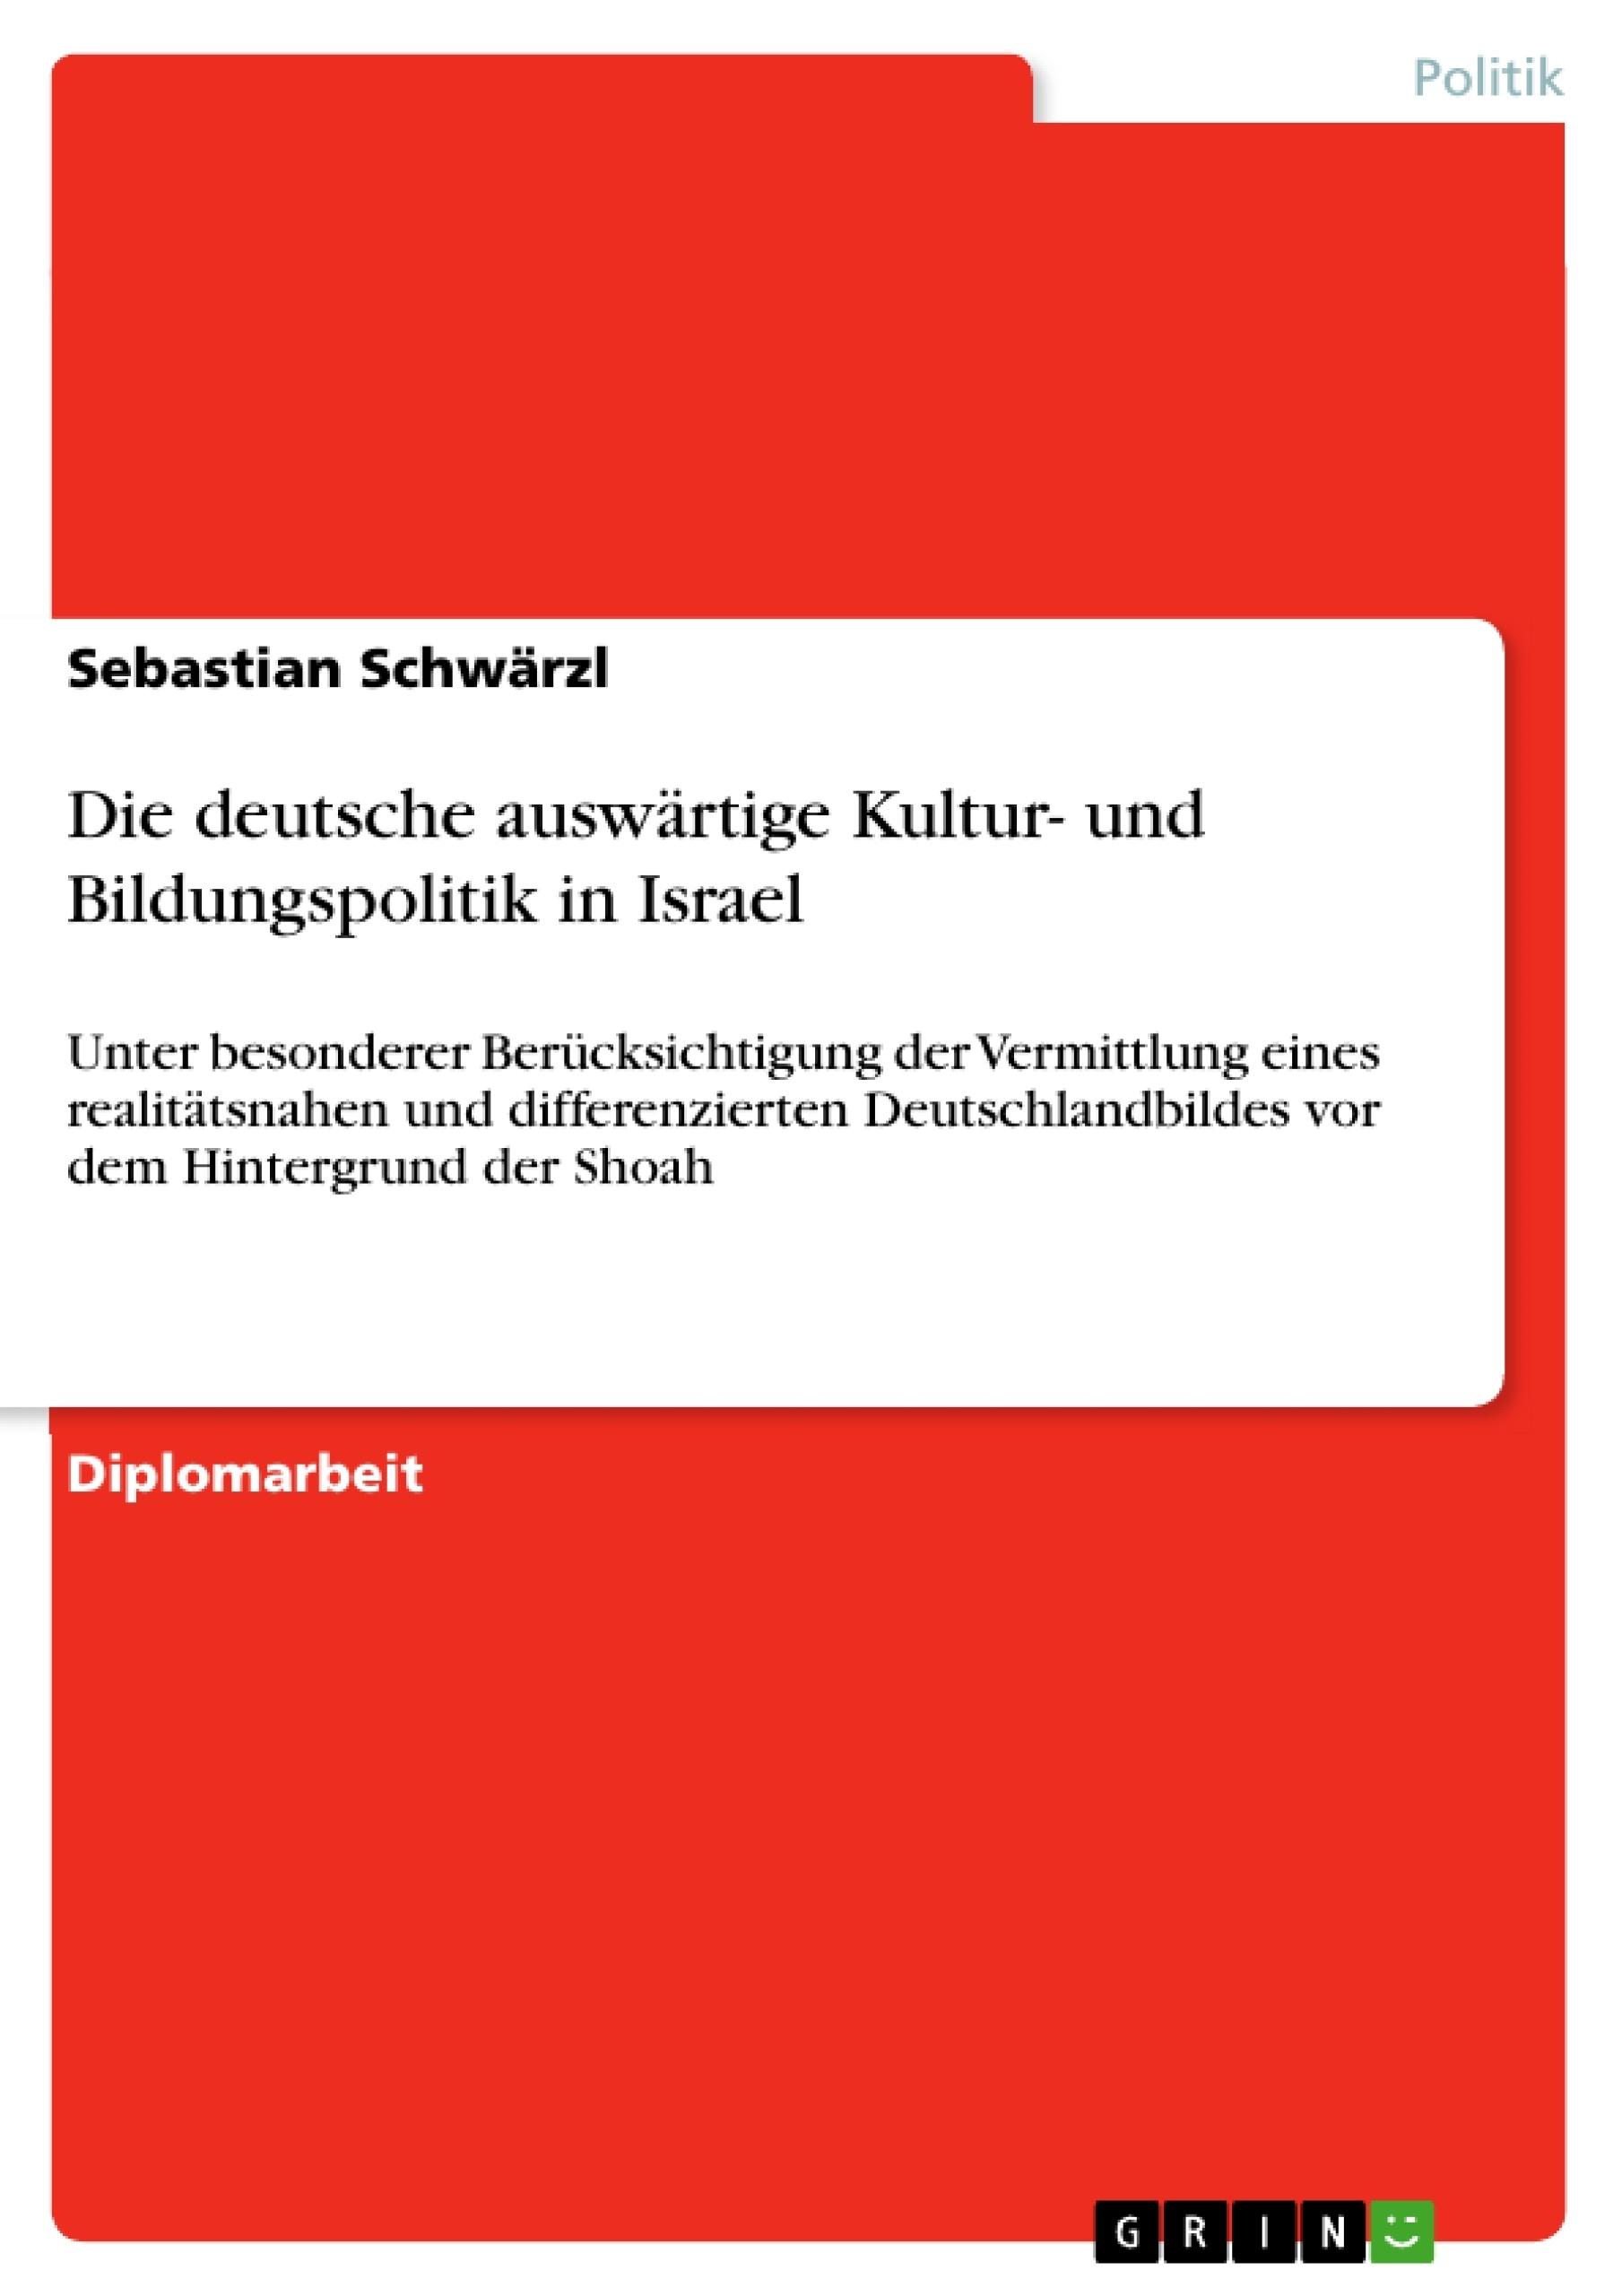 Titel: Die deutsche auswärtige Kultur- und Bildungspolitik in Israel